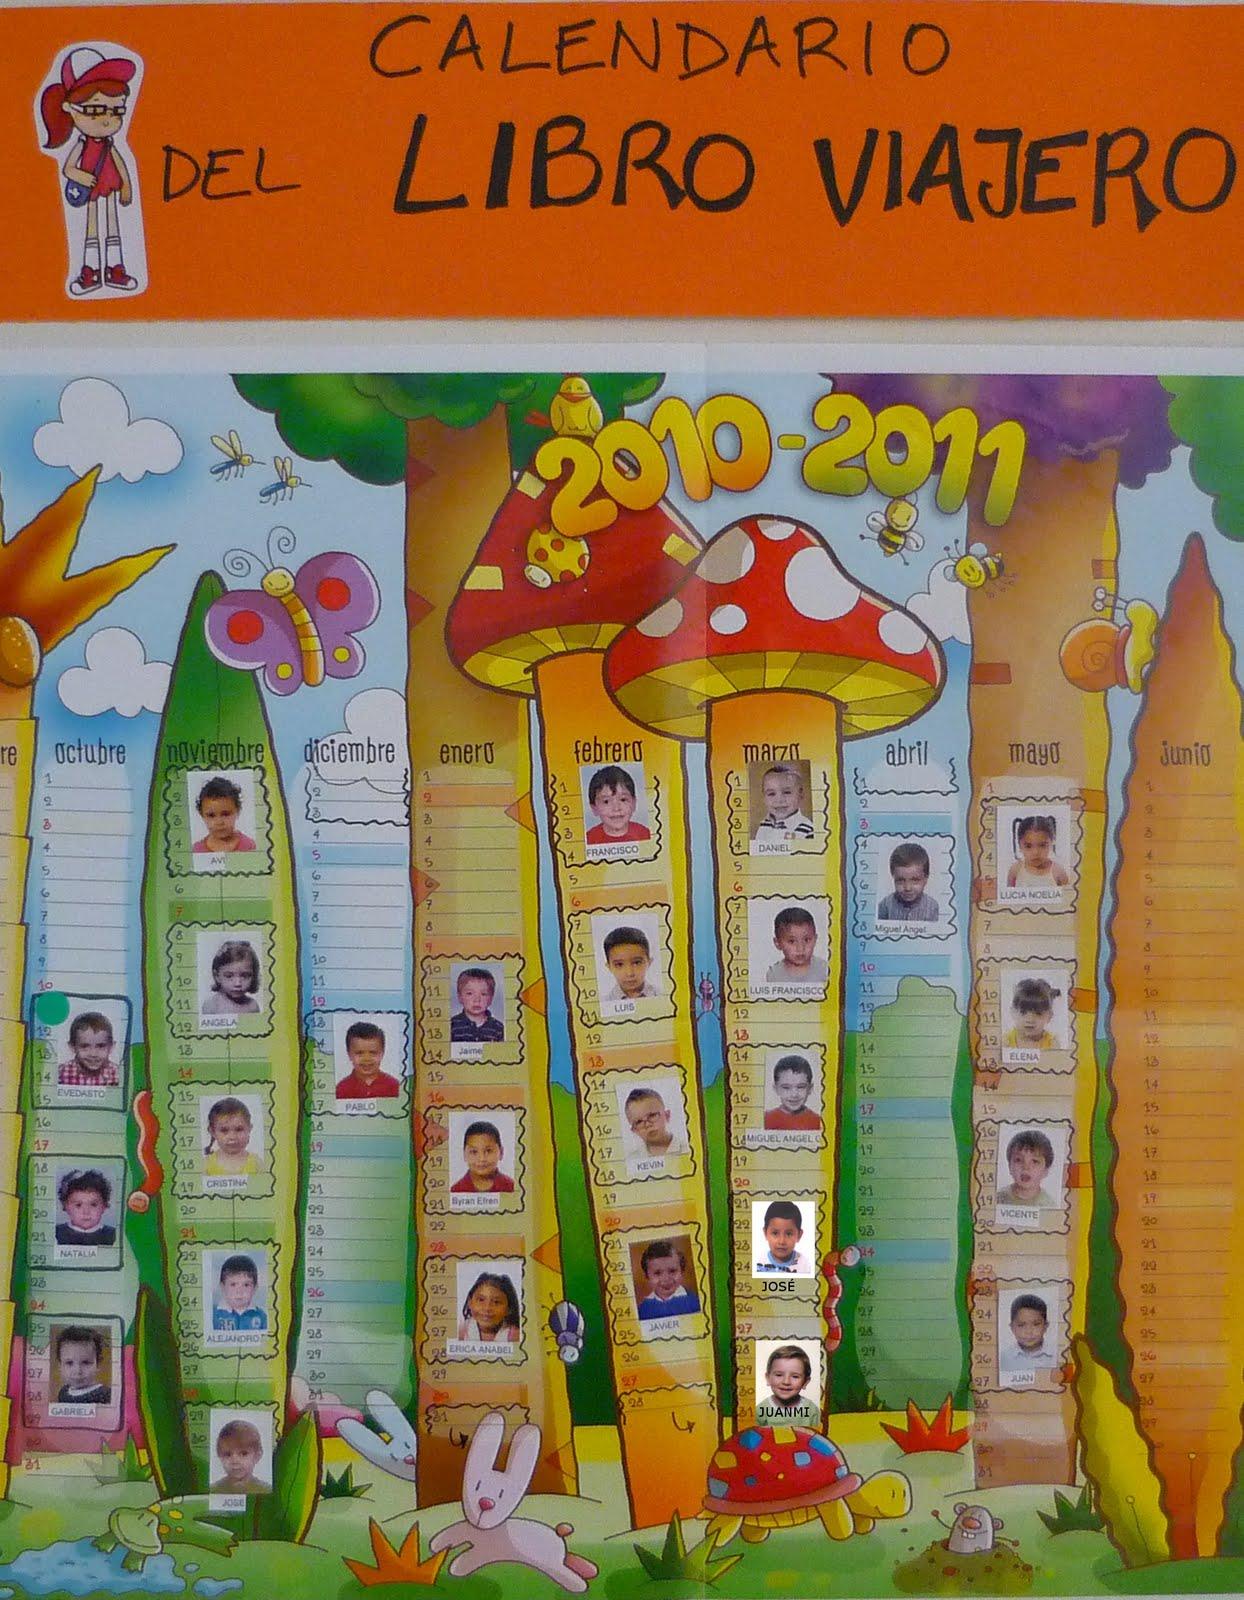 Santa ana calendario del libro viajero - Ideas libro viajero infantil ...